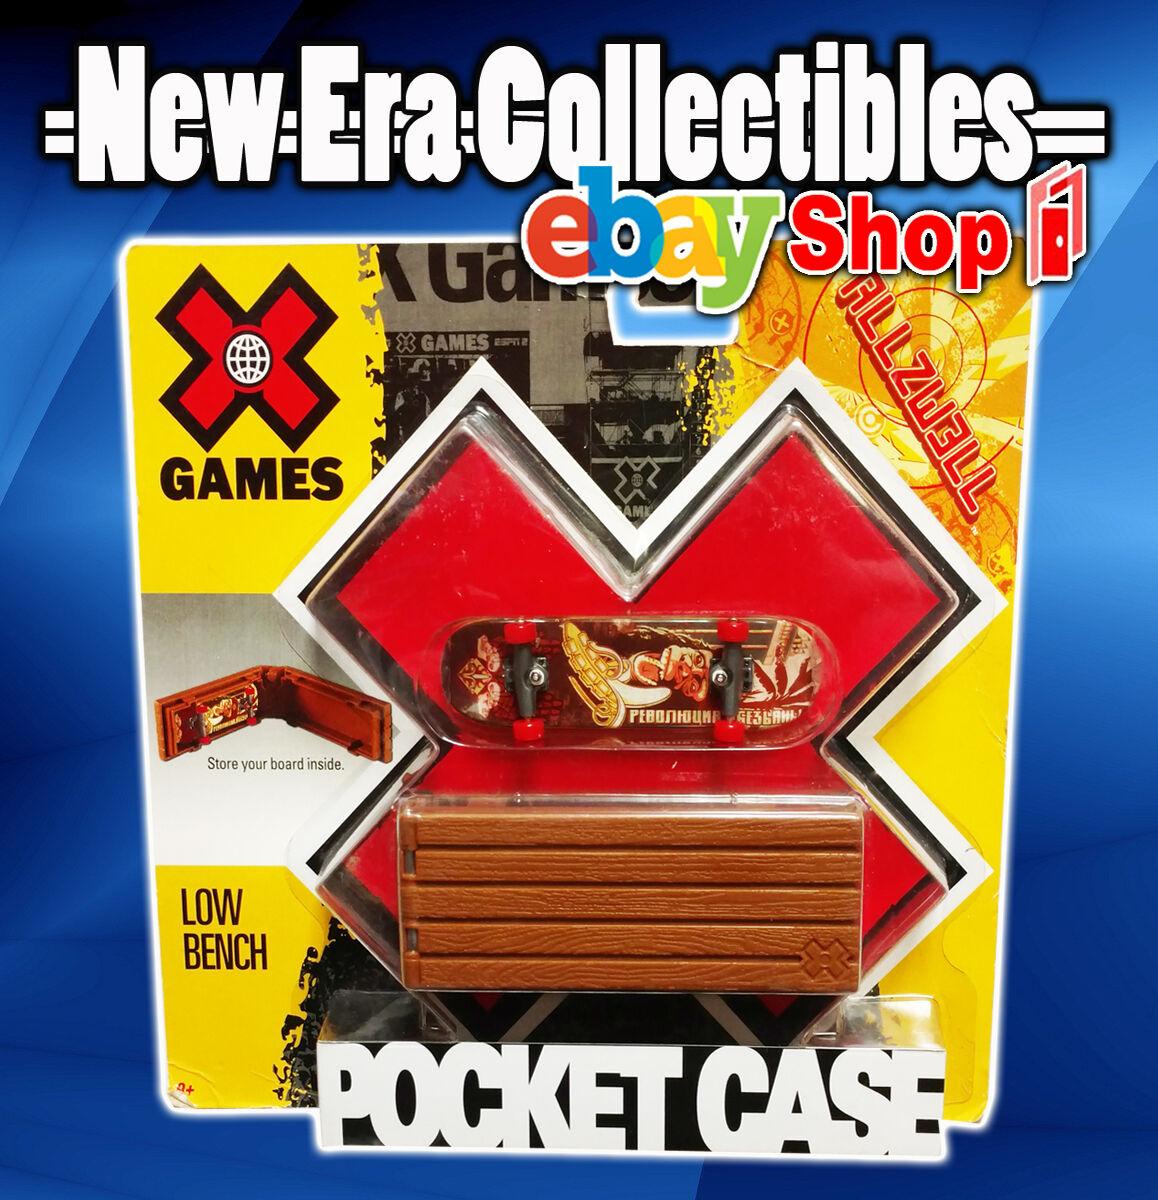 X Games Espn Allzwell Skateboards 96mm Fingerboard Pocket Case Bank Slide Mattel